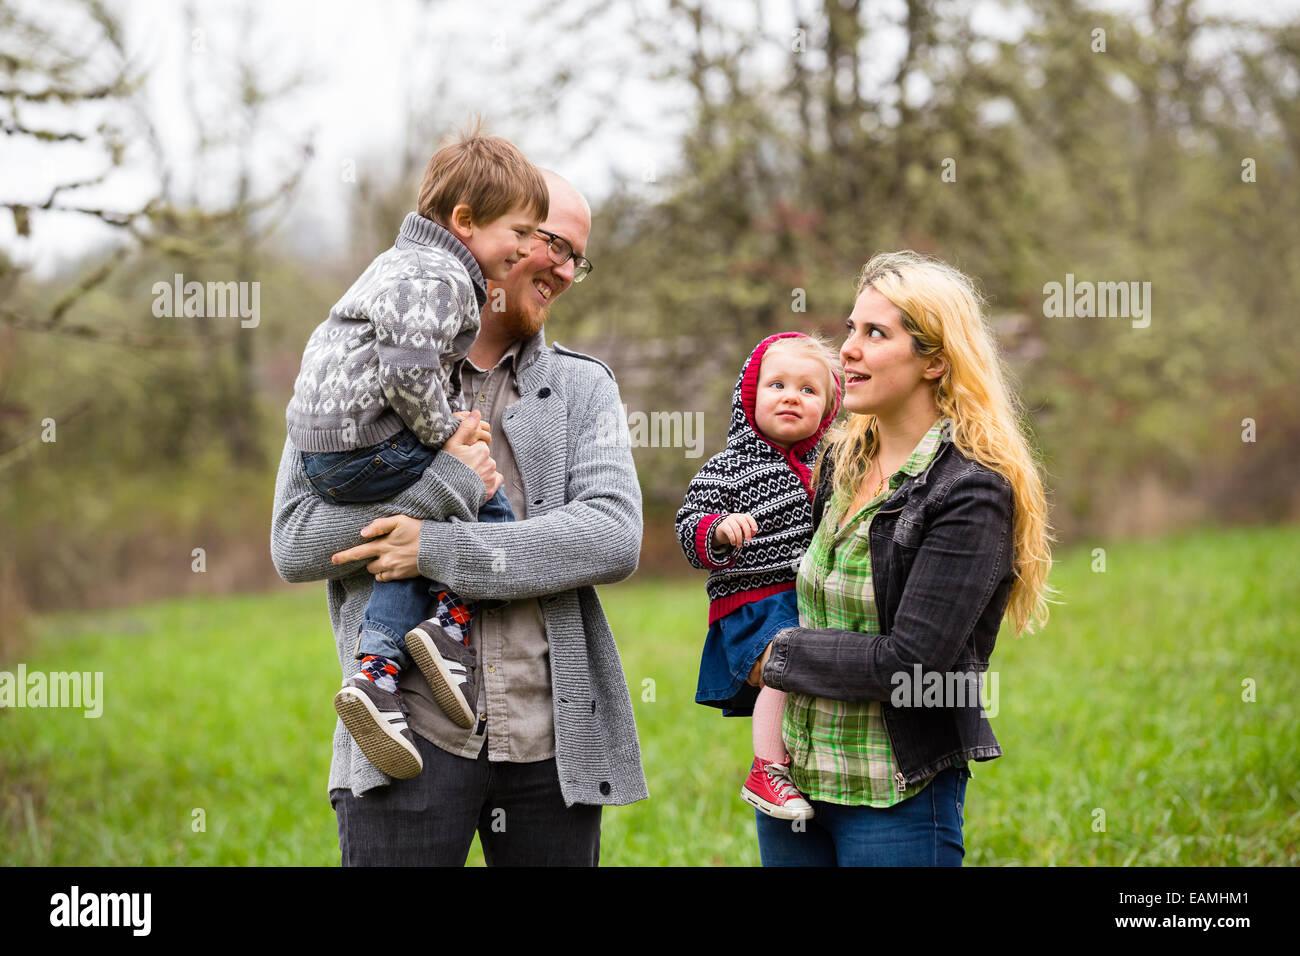 Retrato en el estilo de vida de una familia de cuatro, entre ellos una madre, padre, hijo e hija interactuando mostrando Imagen De Stock